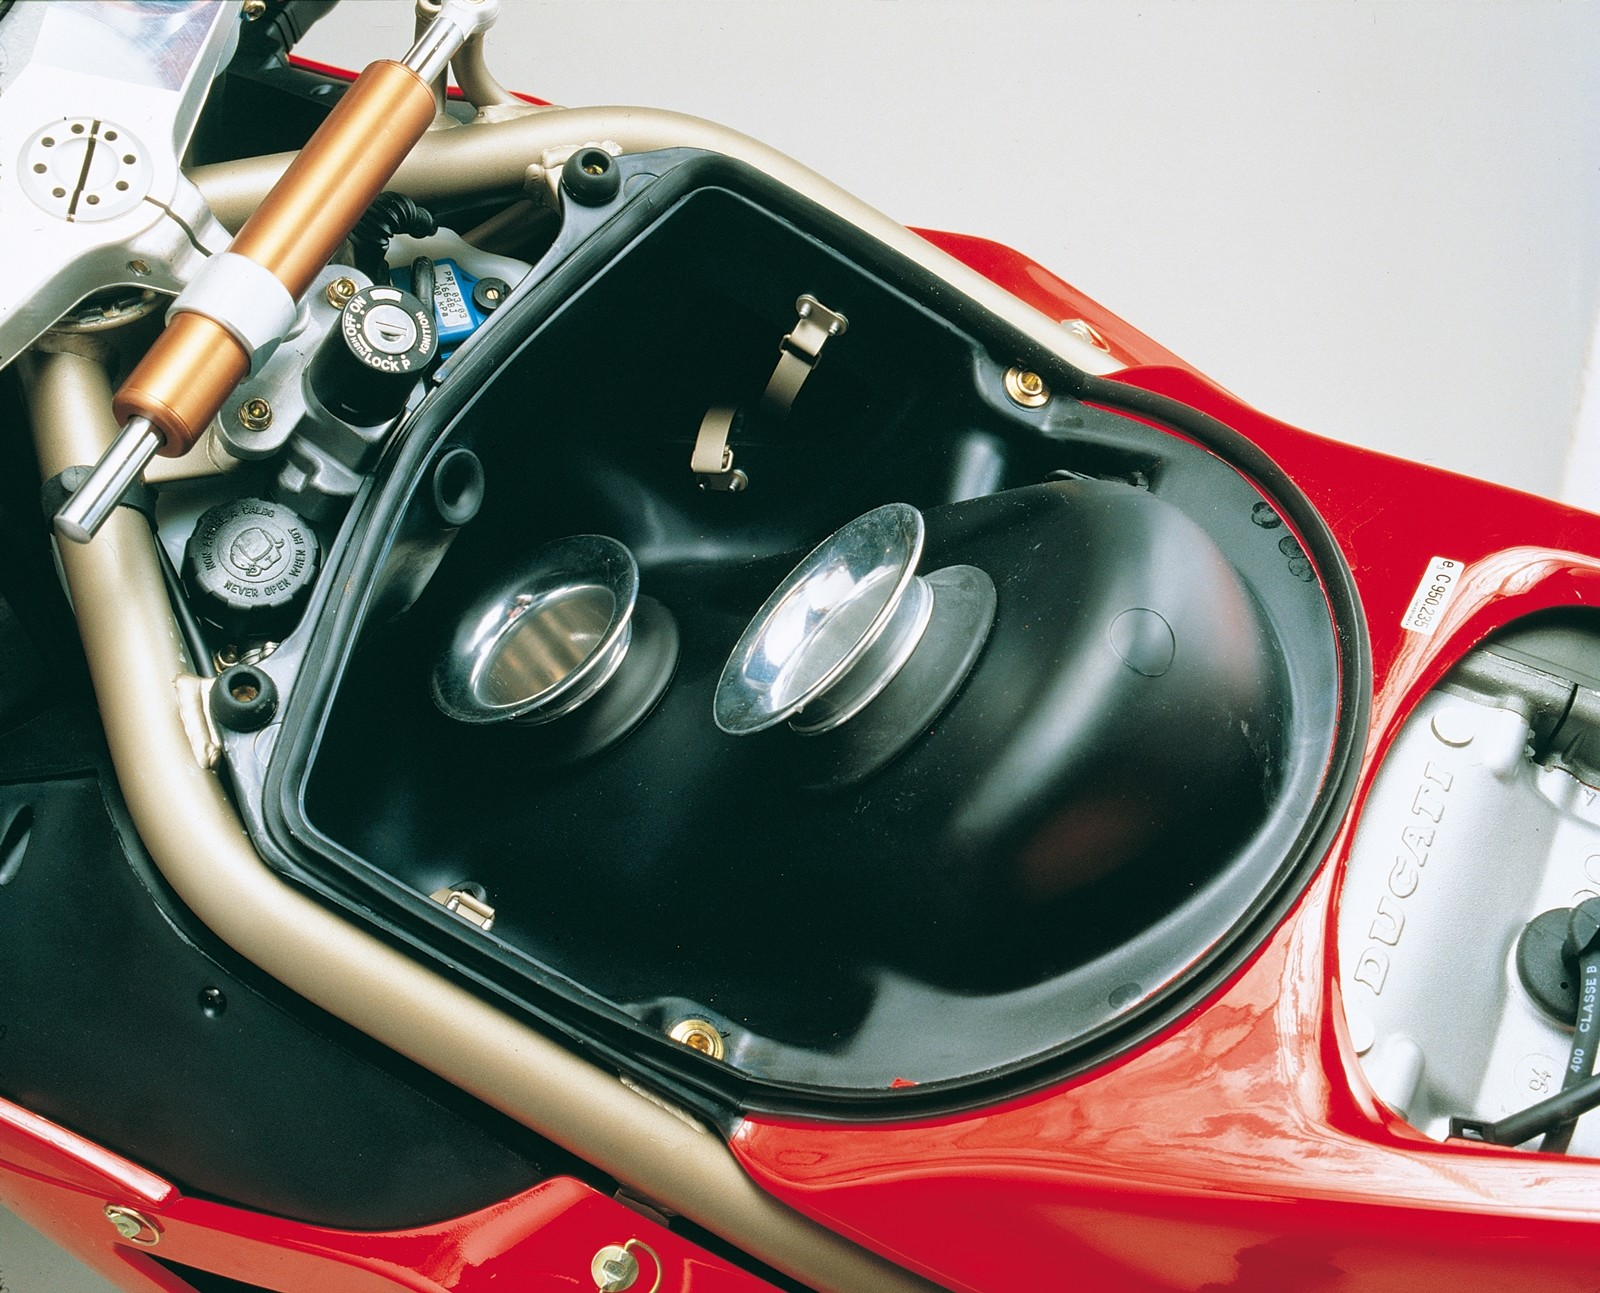 Foto de Ducati Panigale V4 25° Anniversario 916 (53/73)